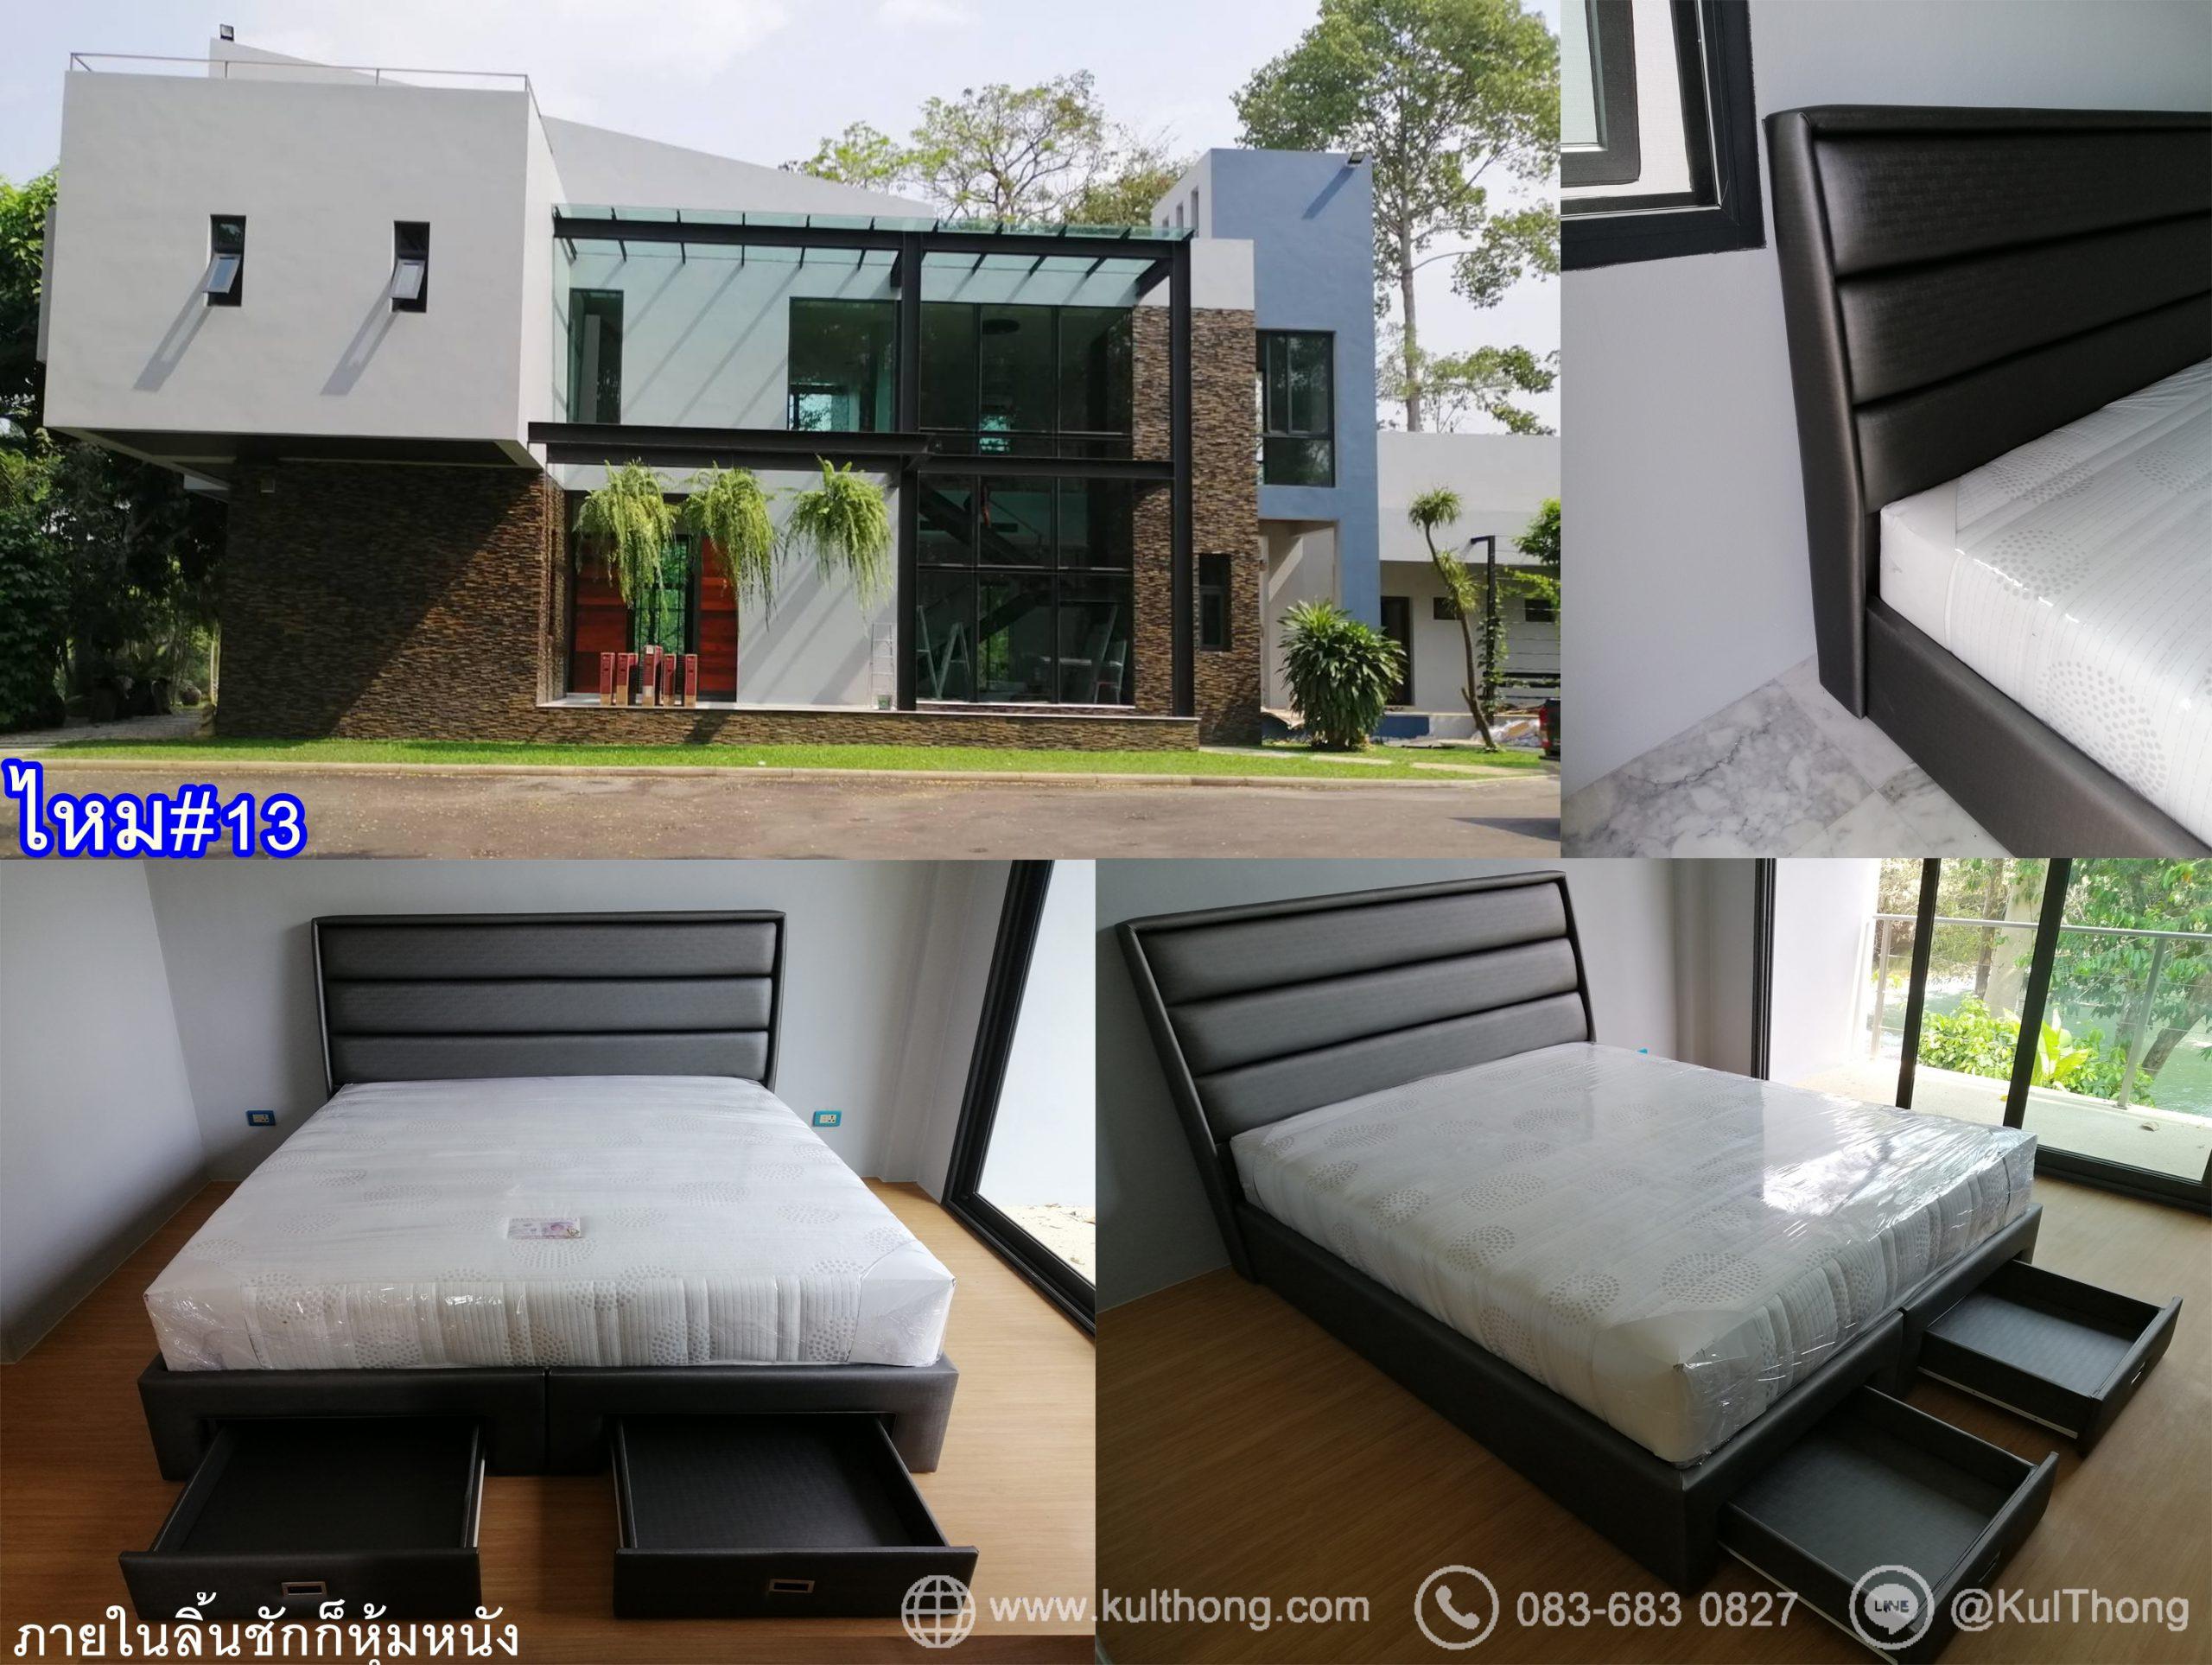 ฐานเตียงแบบมีหัวเตียง ฐานเตียงมีลิ้นชัก เตียงหุ้มหนังมีลิ้นชัก ที่นอนพ๊อกเก๊ตสปริง เตียงนอนโคราช